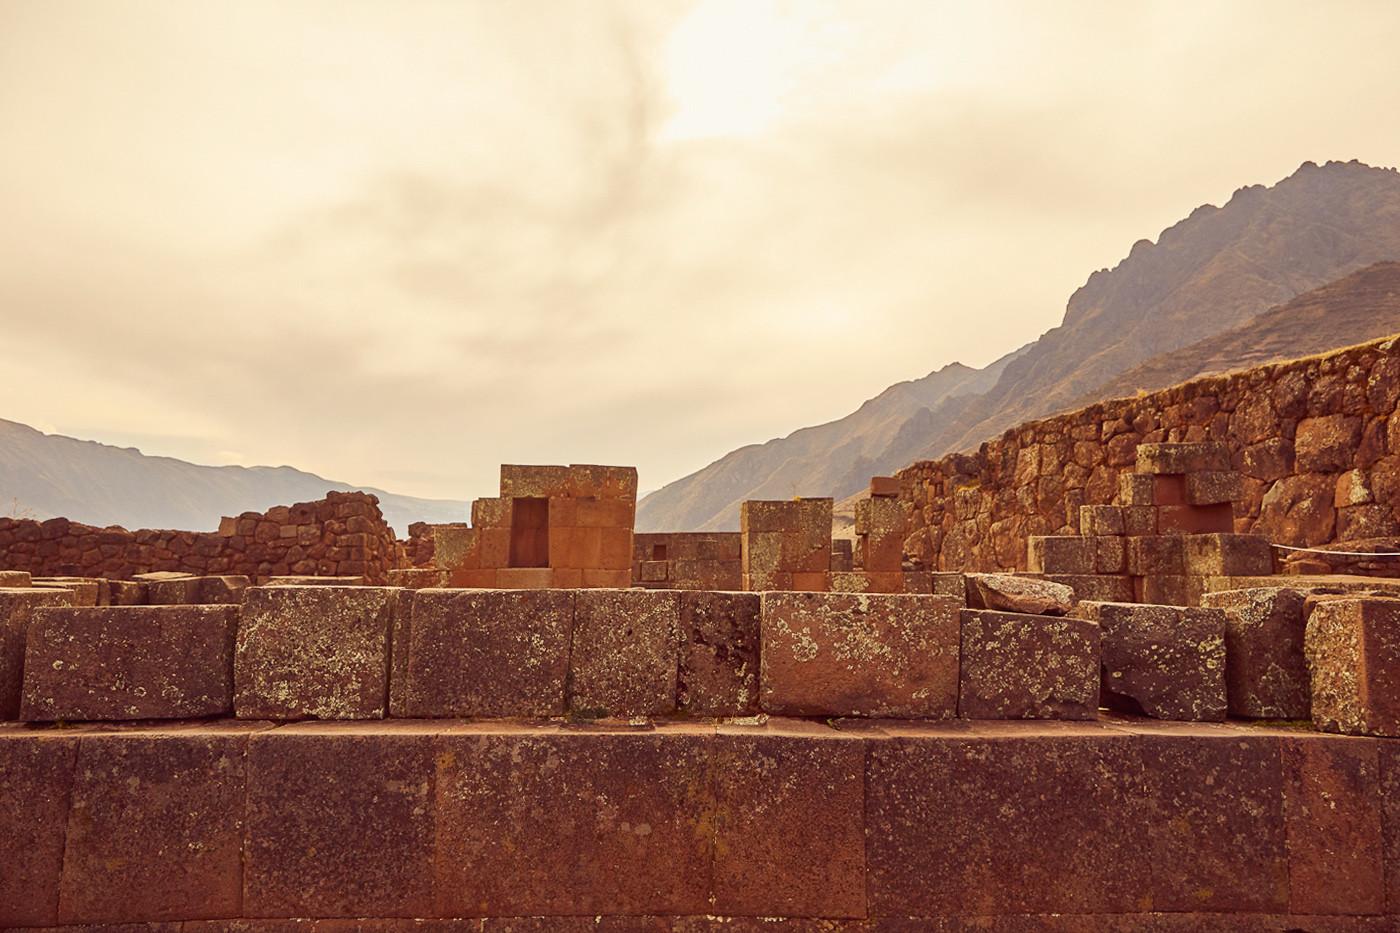 Die Ruinen von Pisac im tiefstehenden Sonnenlicht, eine große Baukunst der Inka